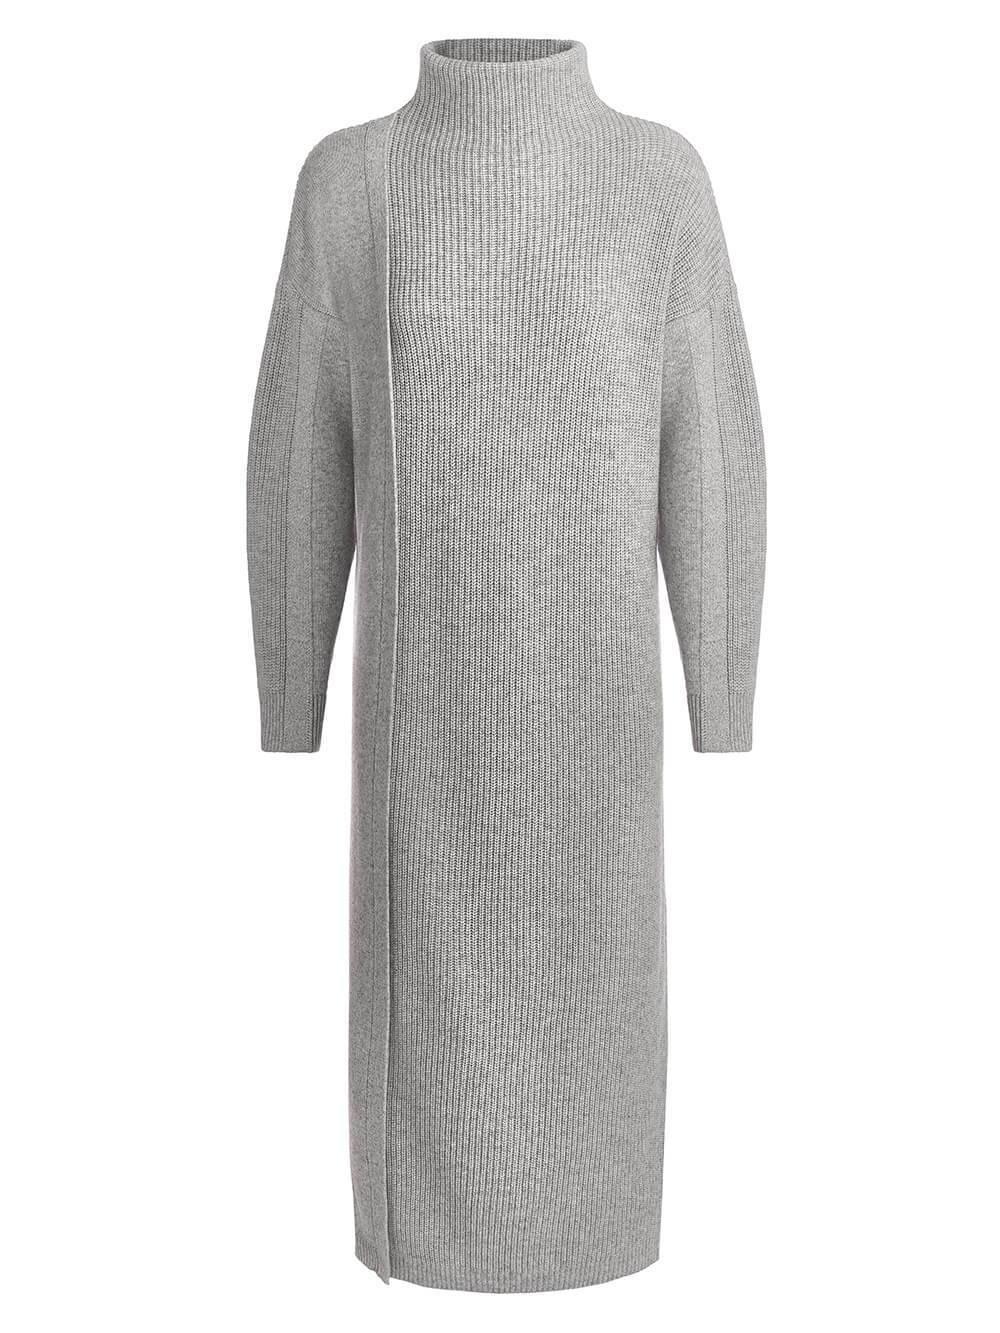 Женское платье светло-серого цвета из шерсти и кашемира - фото 1